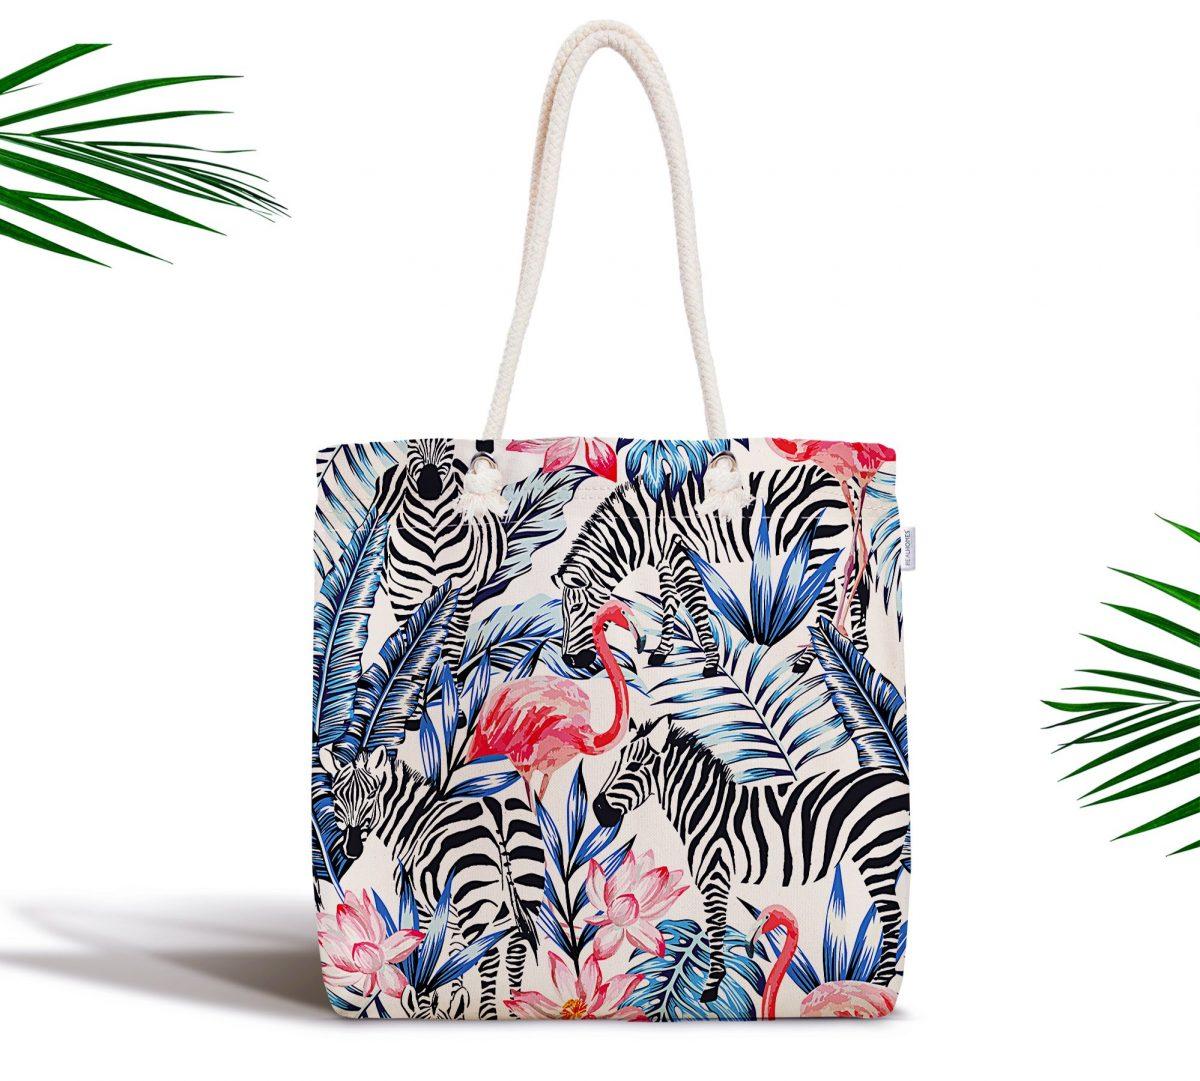 Flamingo Temalı Dijital Baskılı Fermuarlı Kumaş Çanta Realhomes